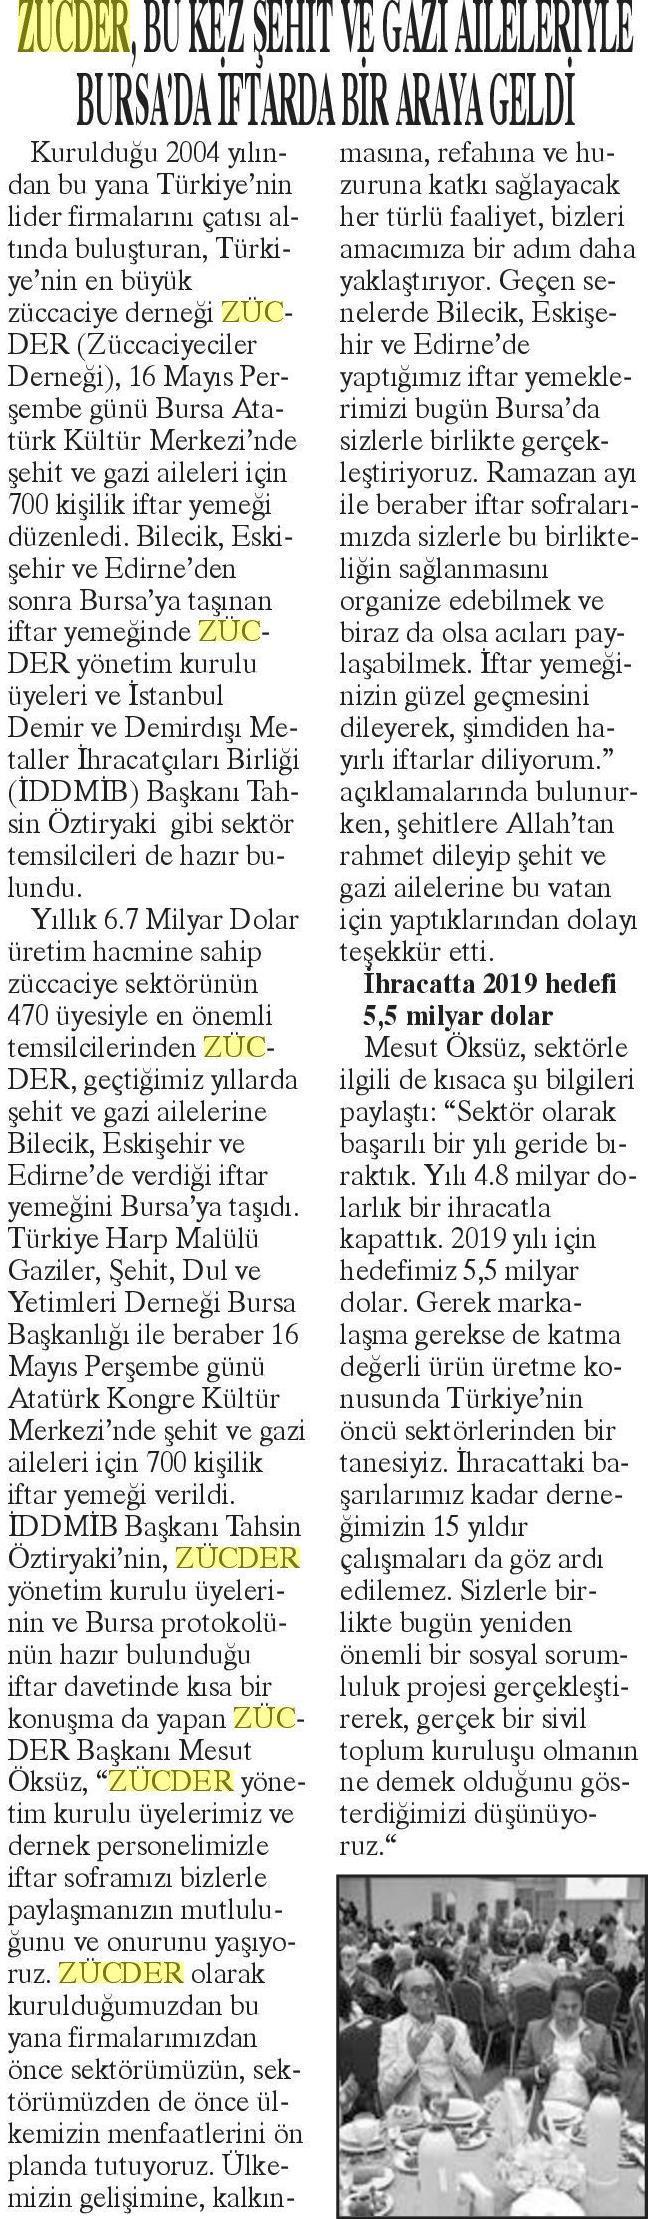 Zücder Yurt Haber 11.06.2019